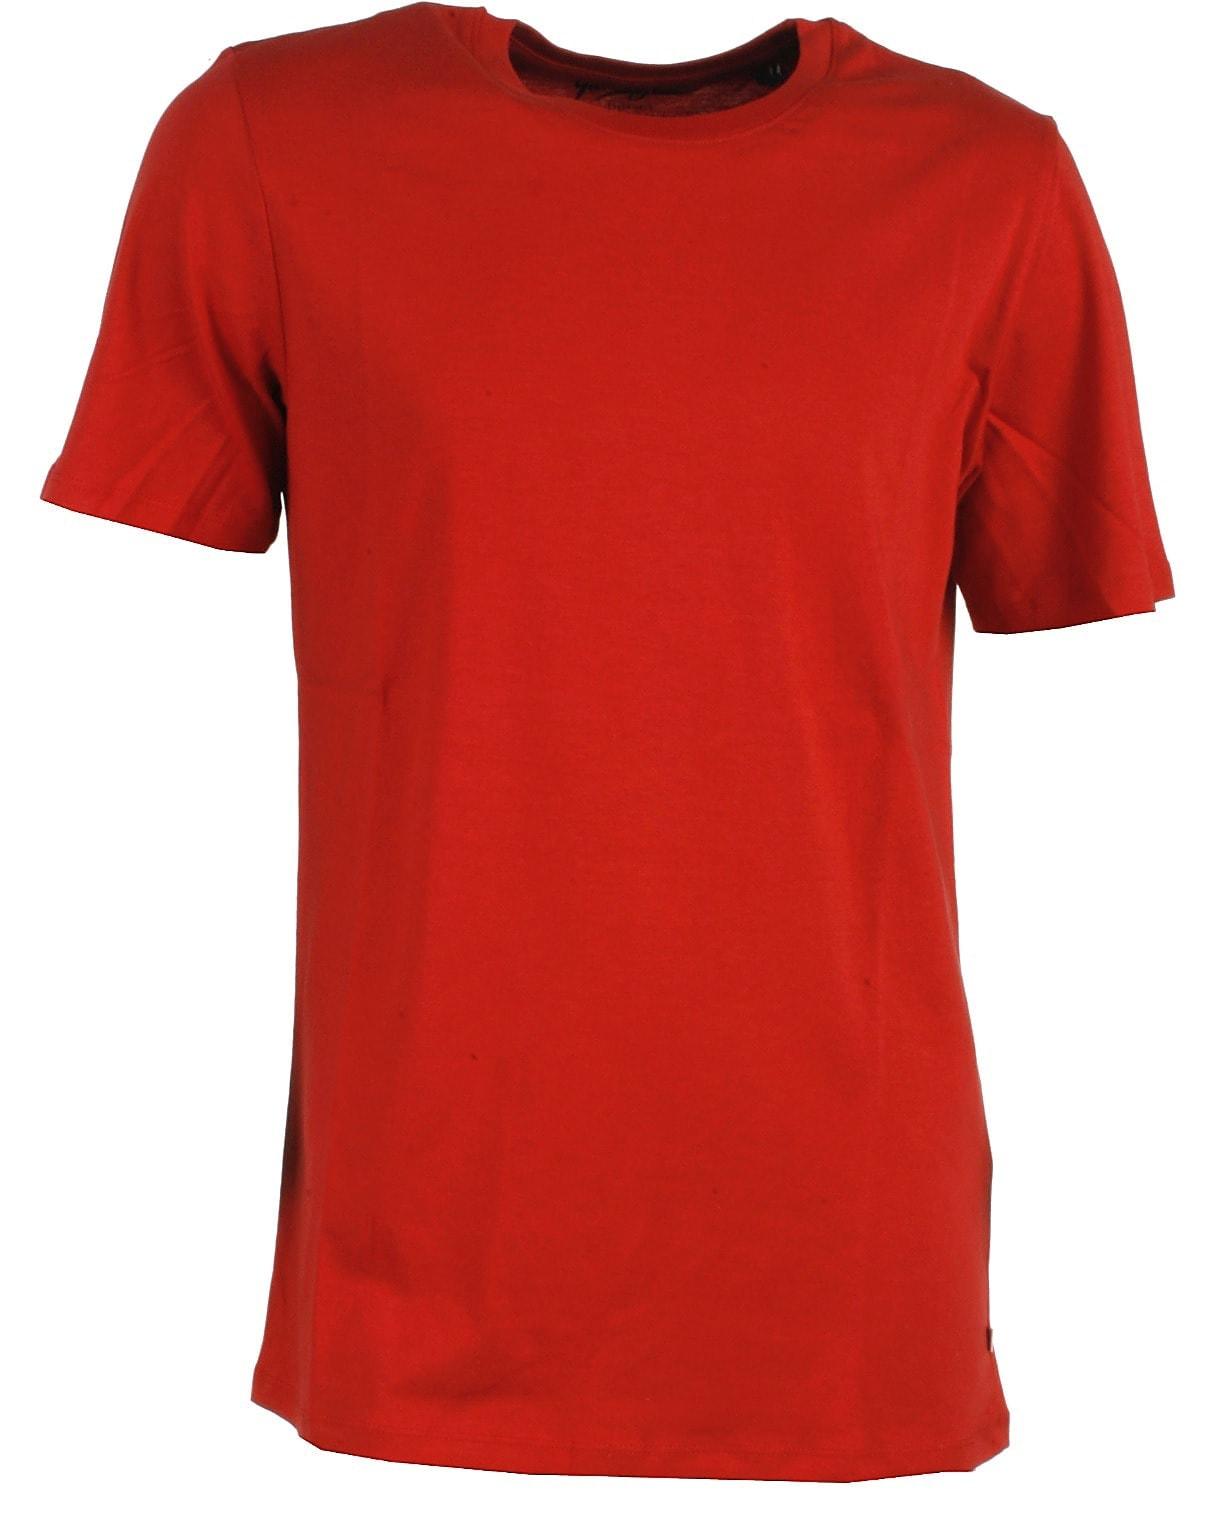 Image of Jack & Jones t-shirt s/s, rød, Plain